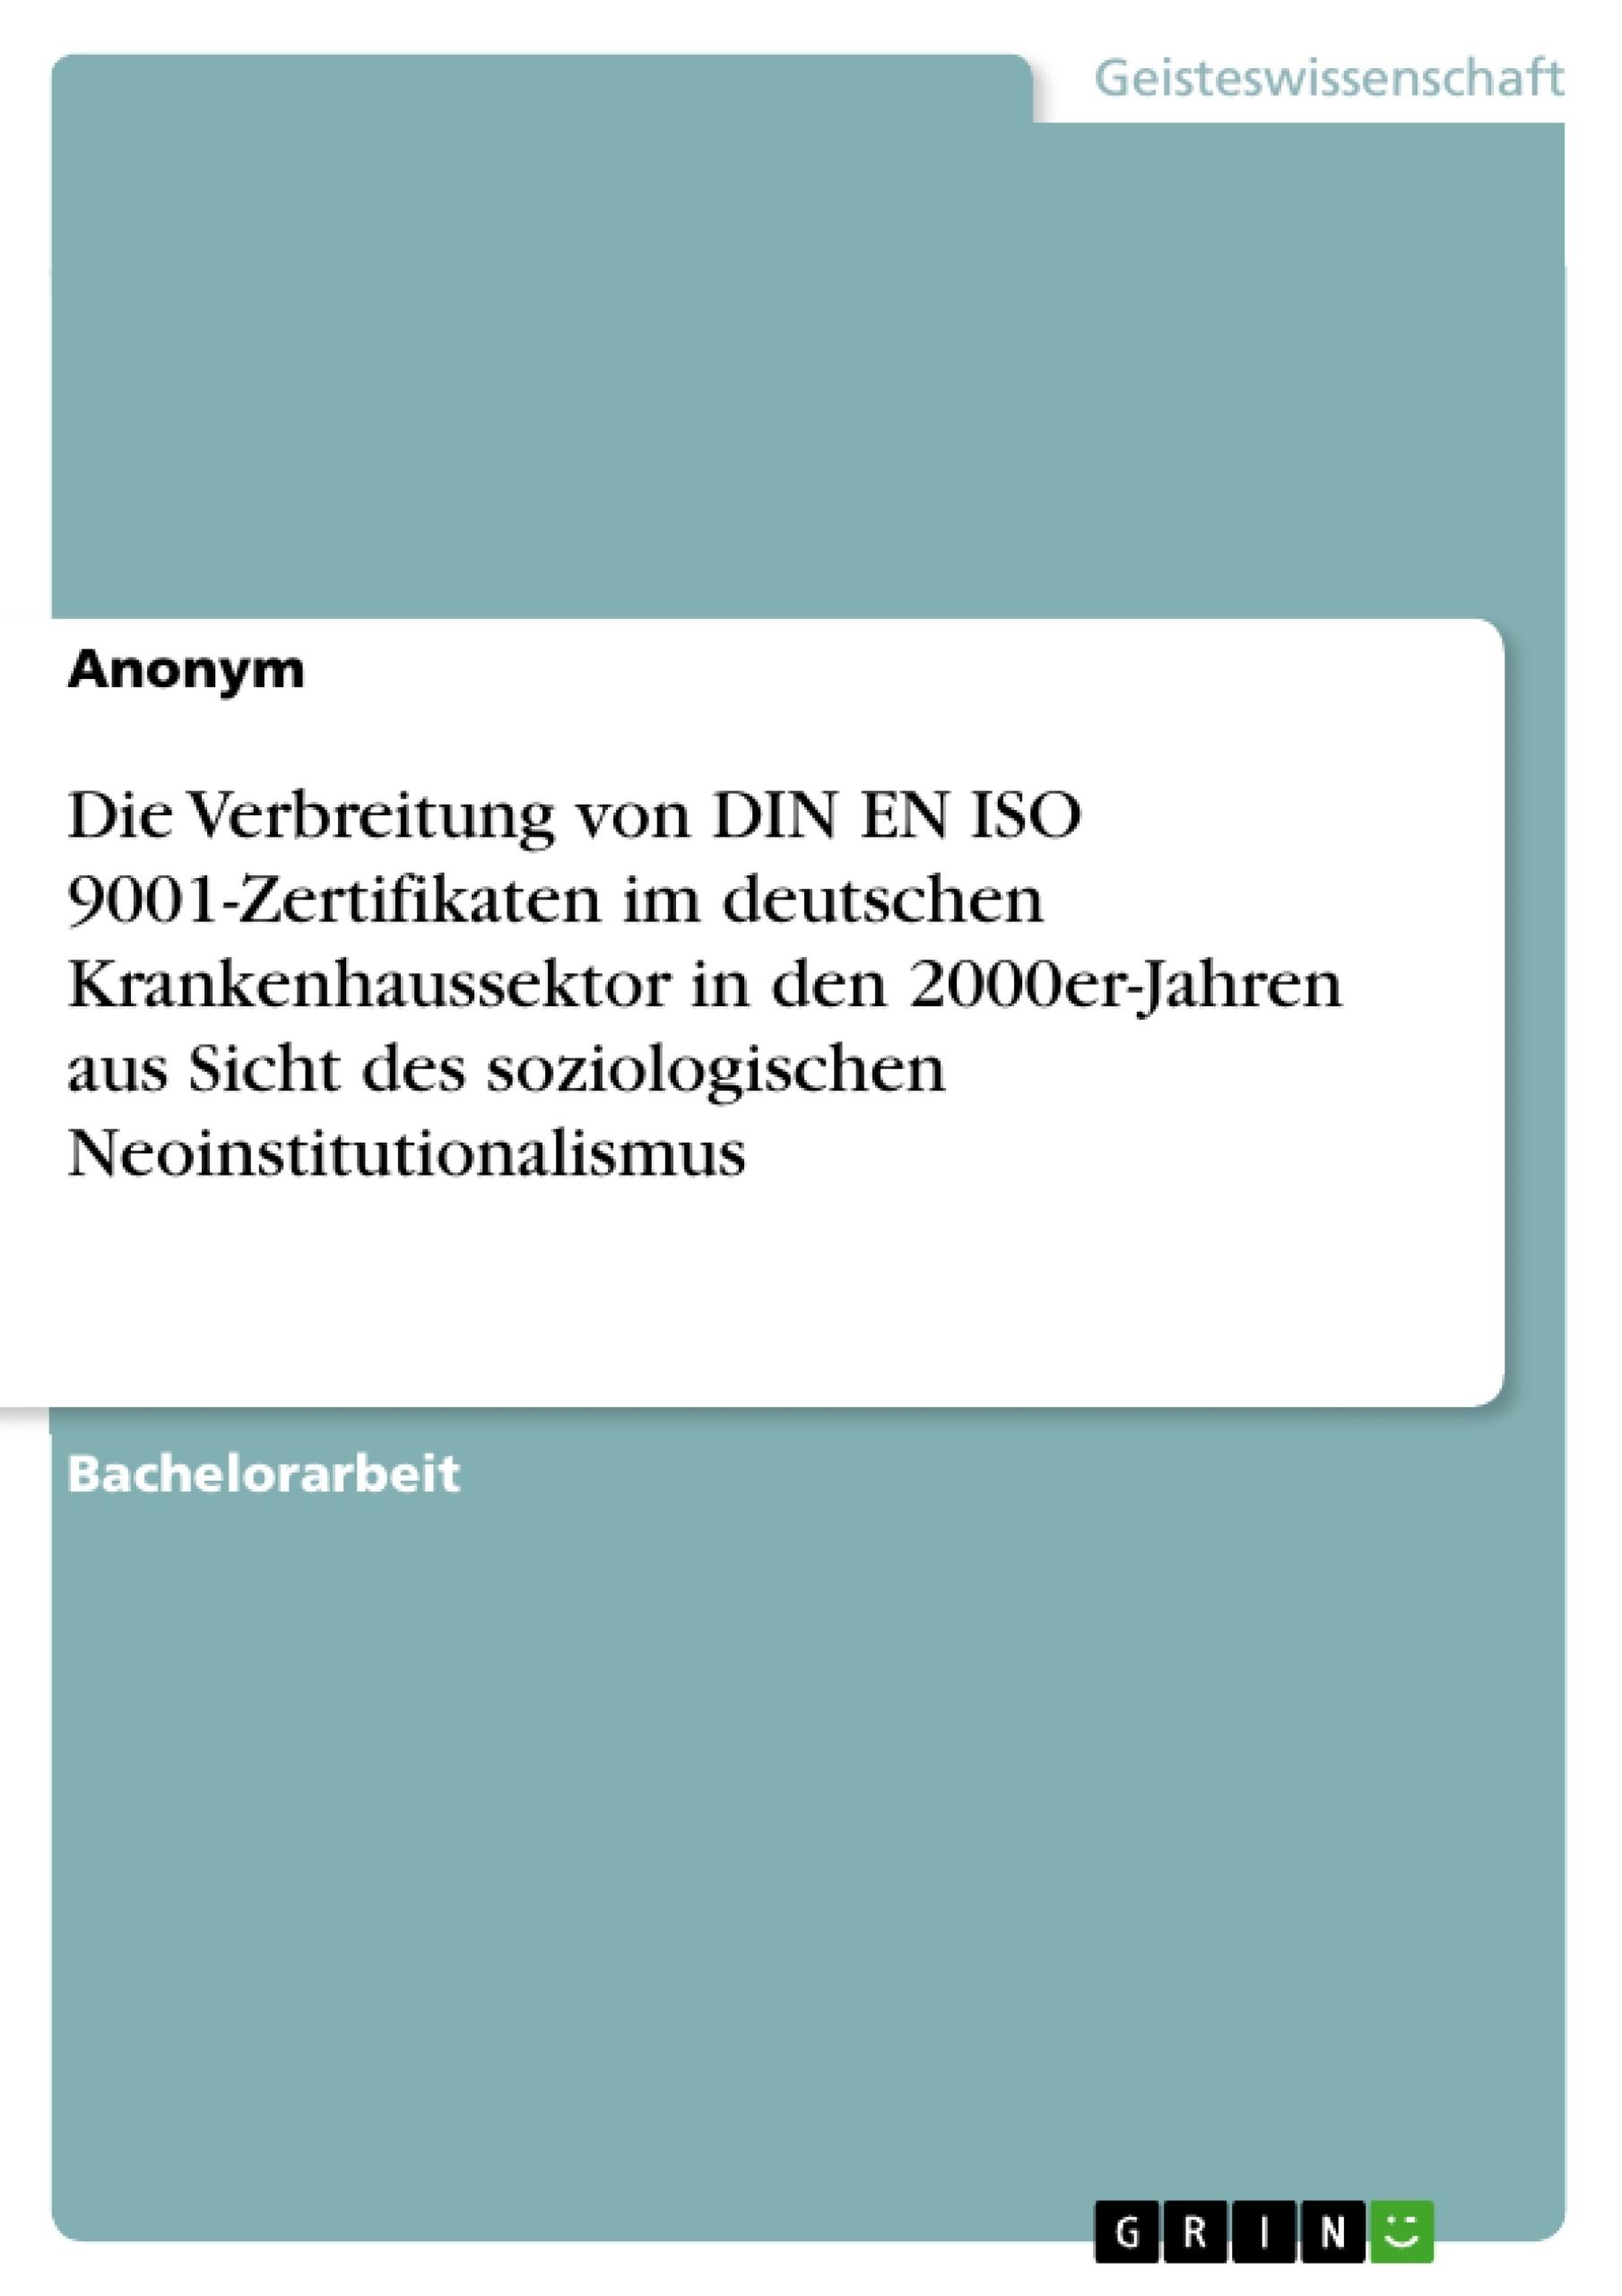 Titel: Die Verbreitung von DIN EN ISO 9001-Zertifikaten im deutschen Krankenhaussektor in den 2000er-Jahren aus Sicht des soziologischen Neoinstitutionalismus